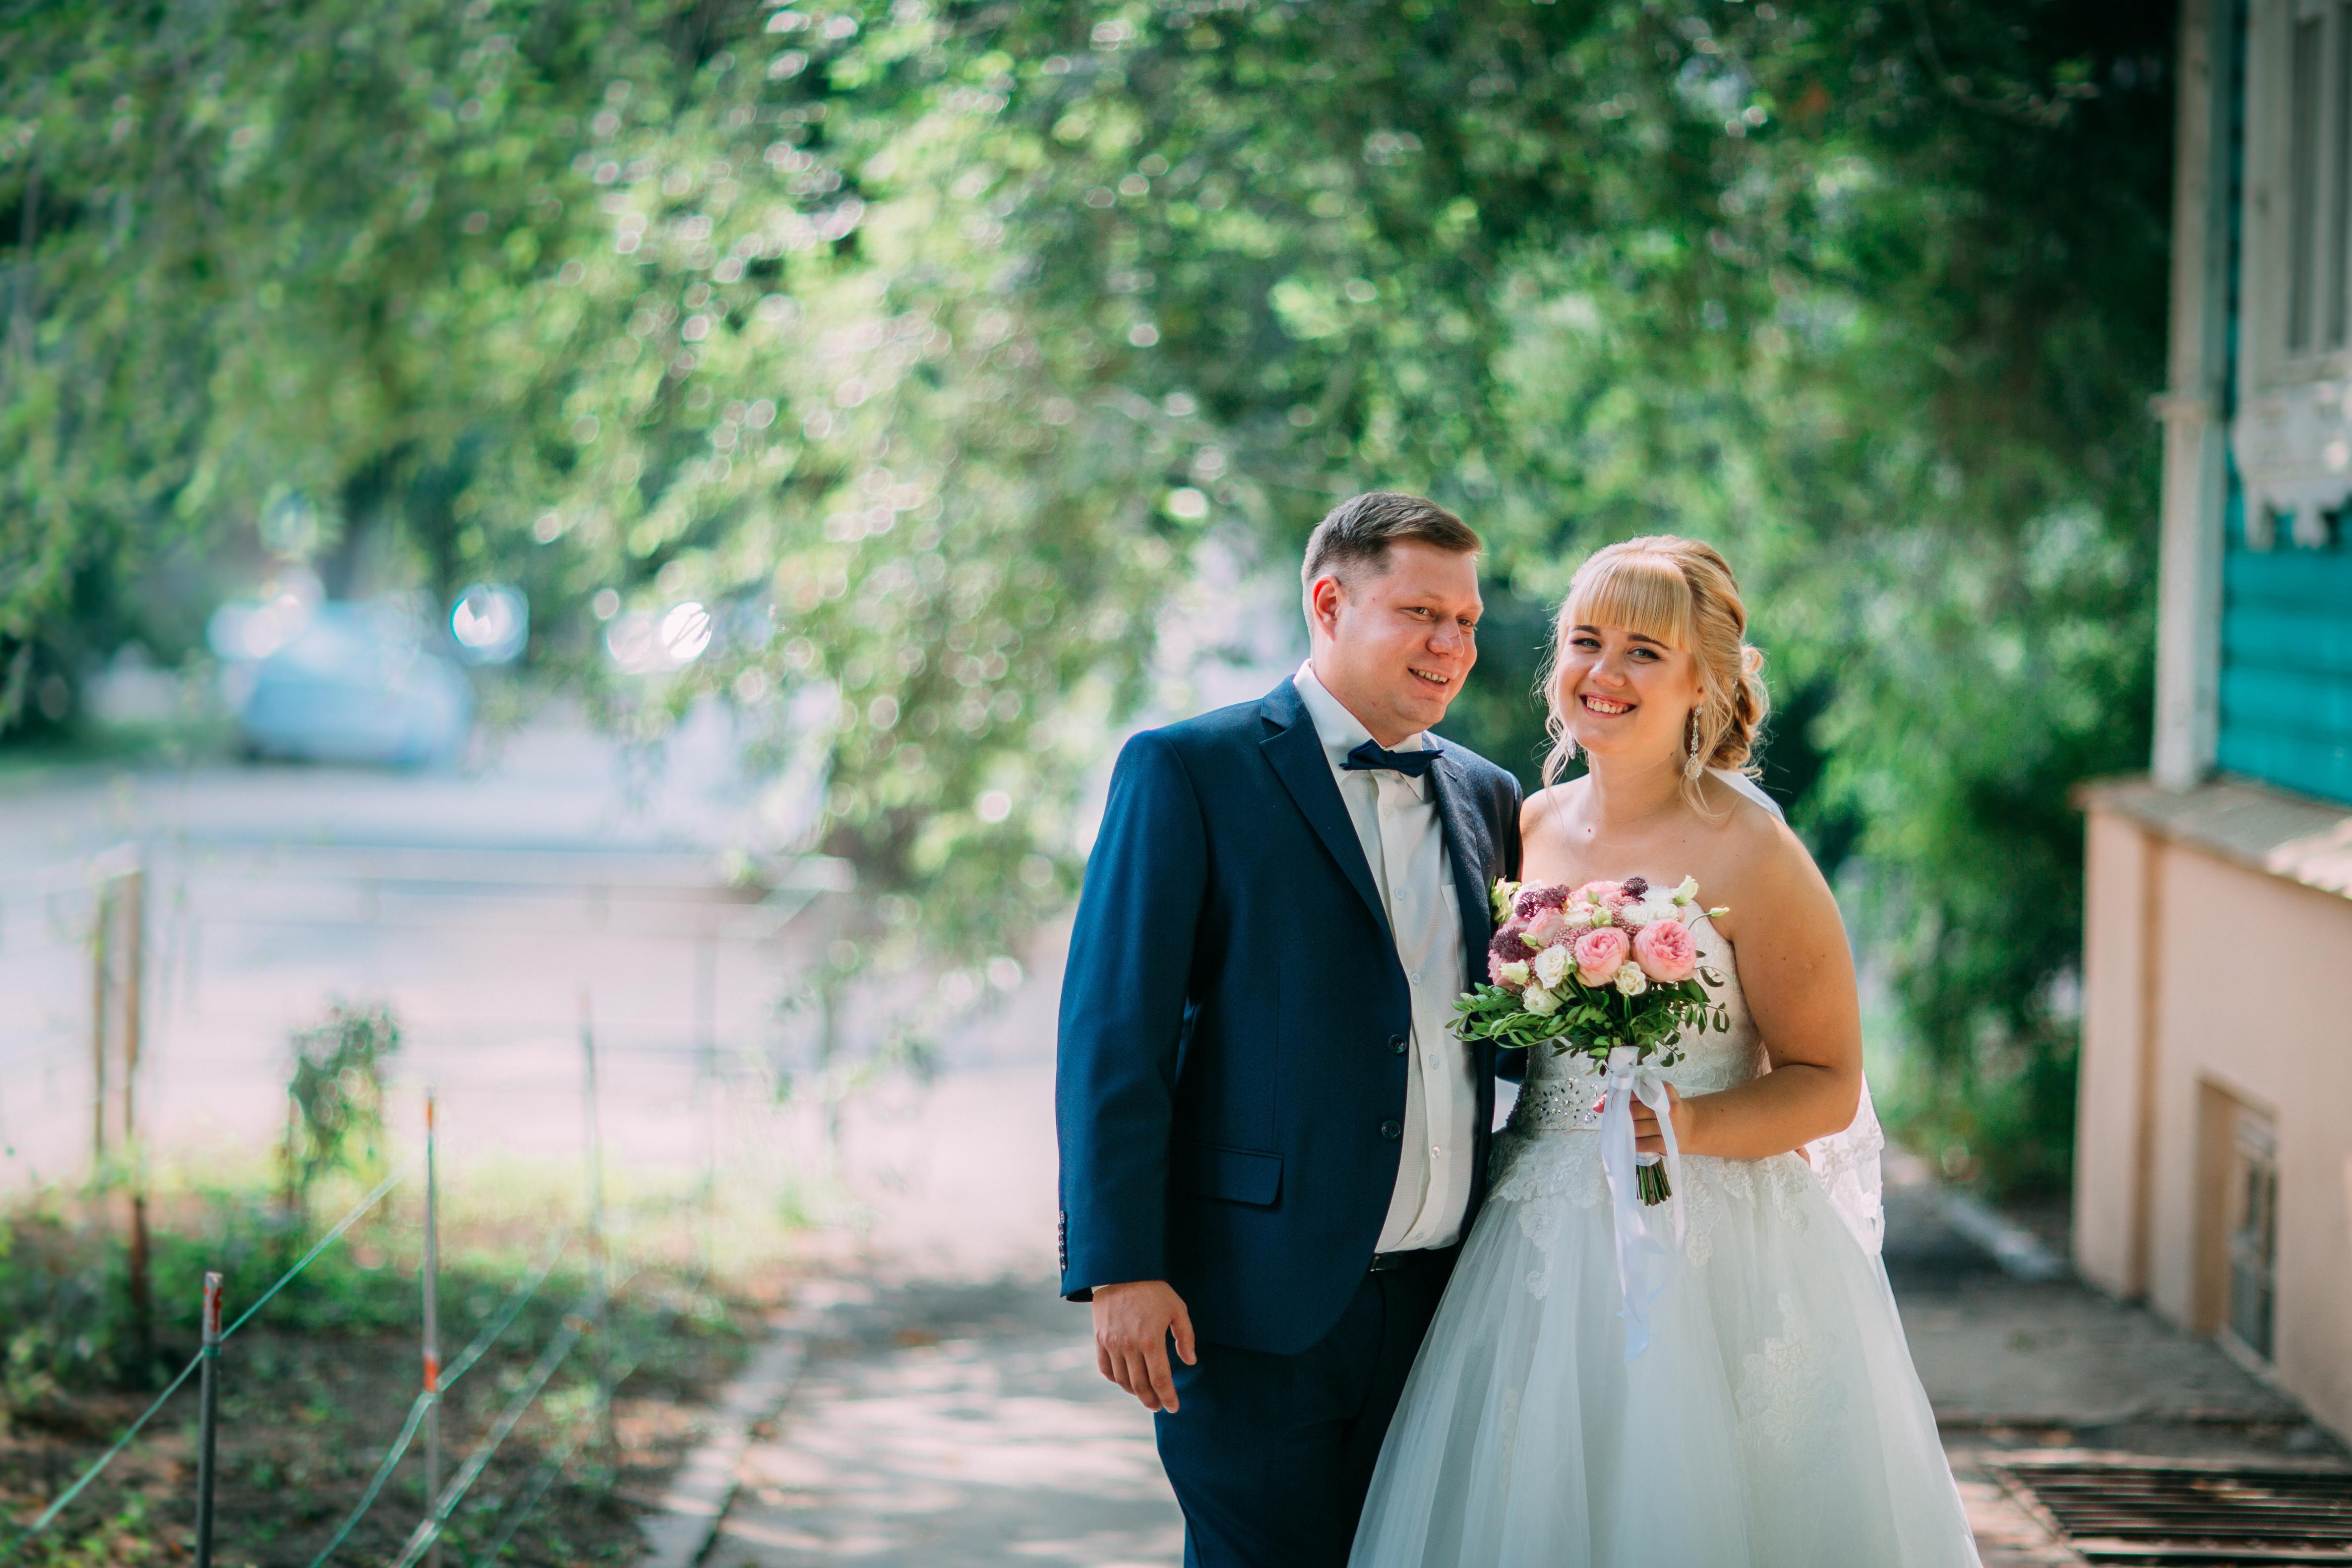 Брак, как возможность получить ПМЖ Норвегии для иностранцев